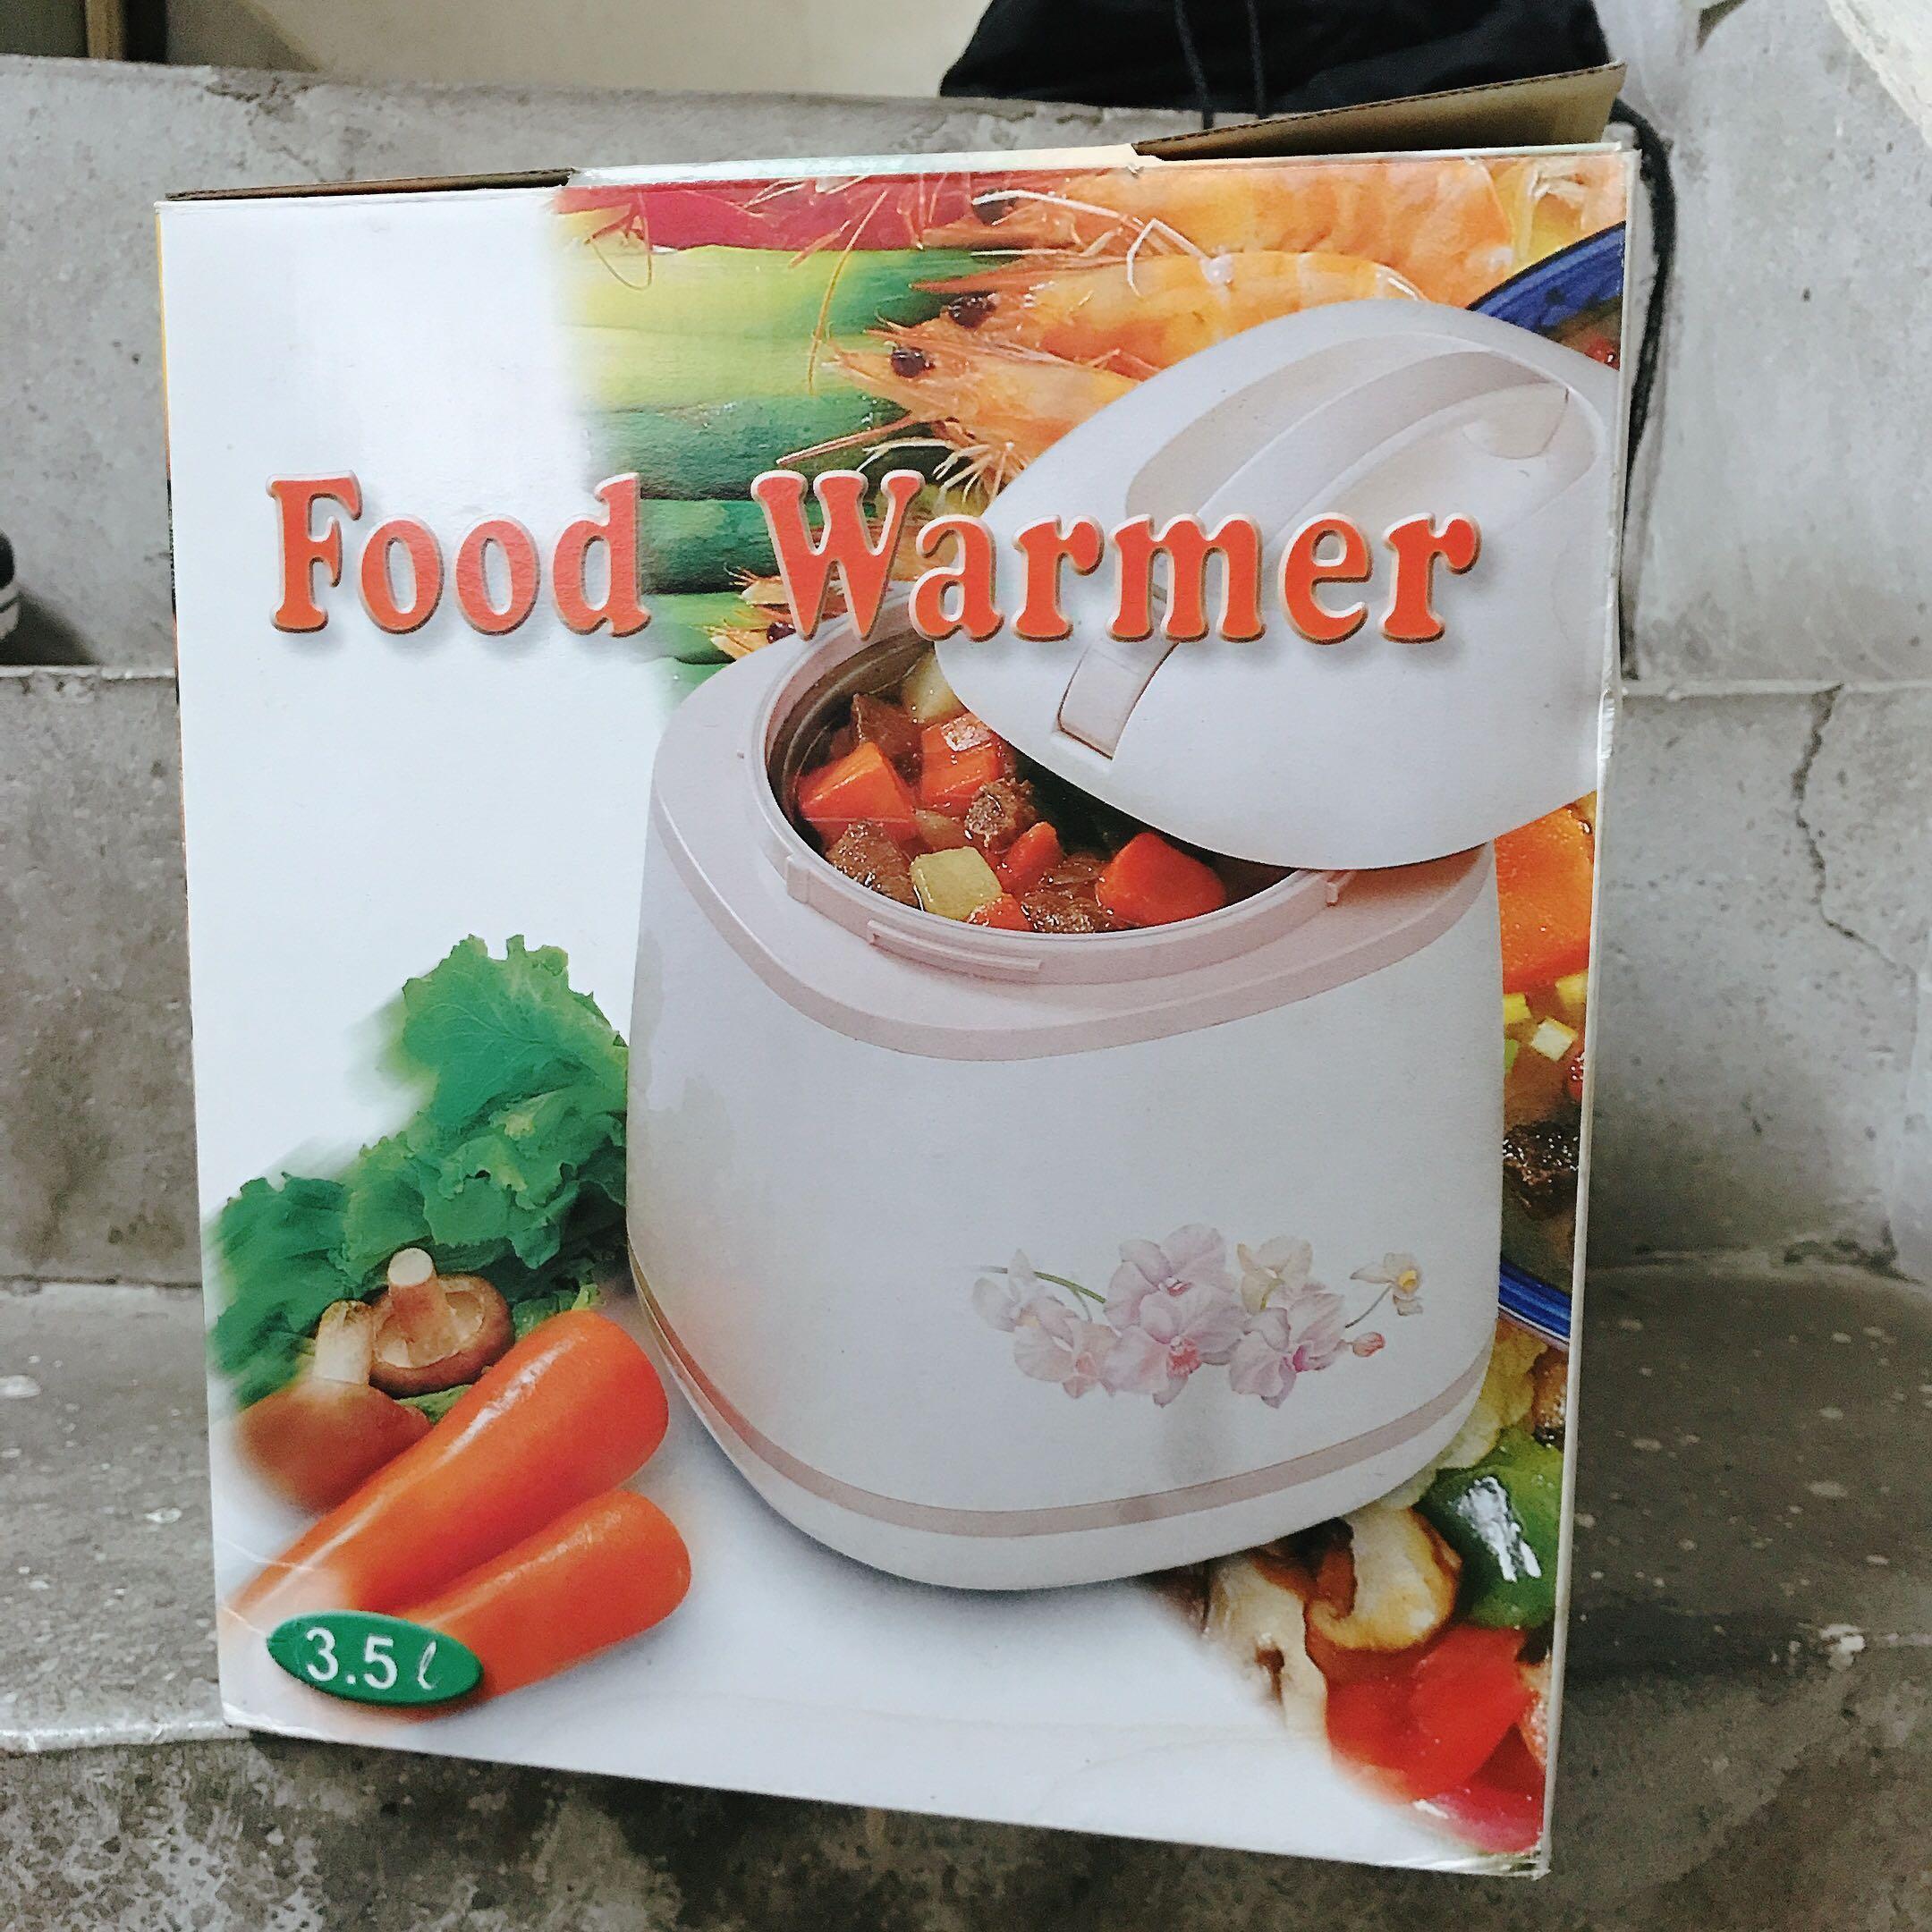 (全新) 悶燒鍋 (內容量3.5l ) 攜帶方便 有提把 廚房家電 生活家電 燉煮 燜燒 保溫 提鍋